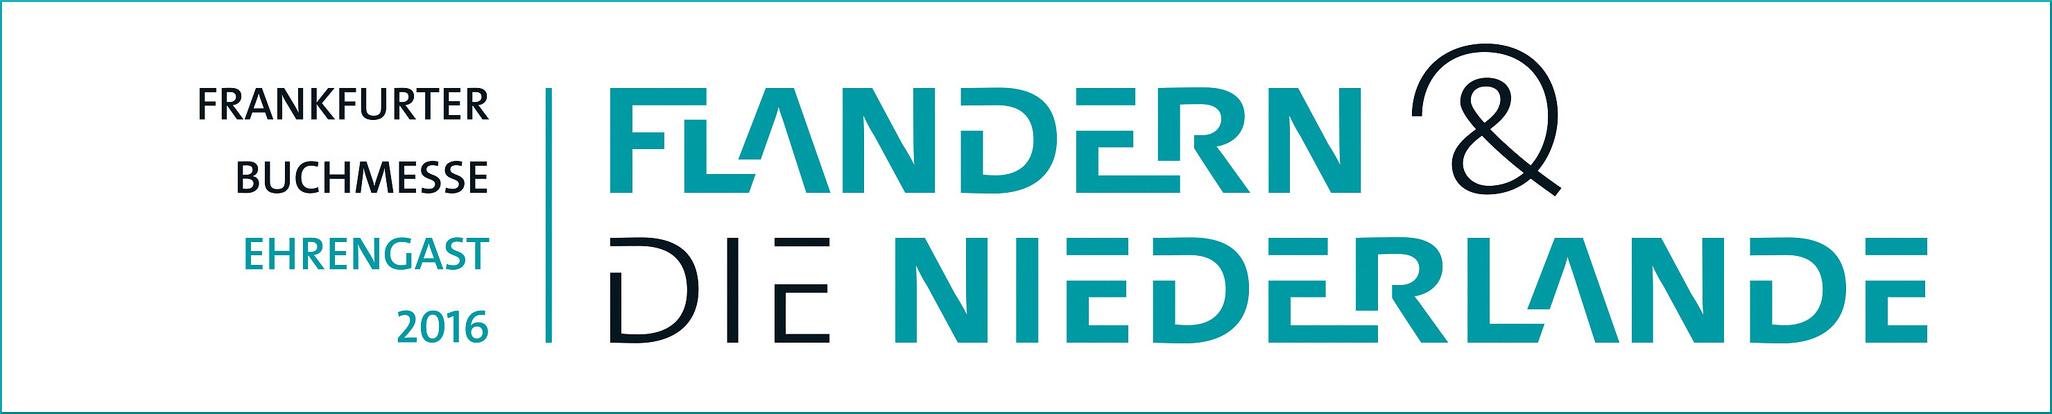 Logo der Frankfurter Buchmesse 2016 mit den Ehrengästen Niederlande und Flandern